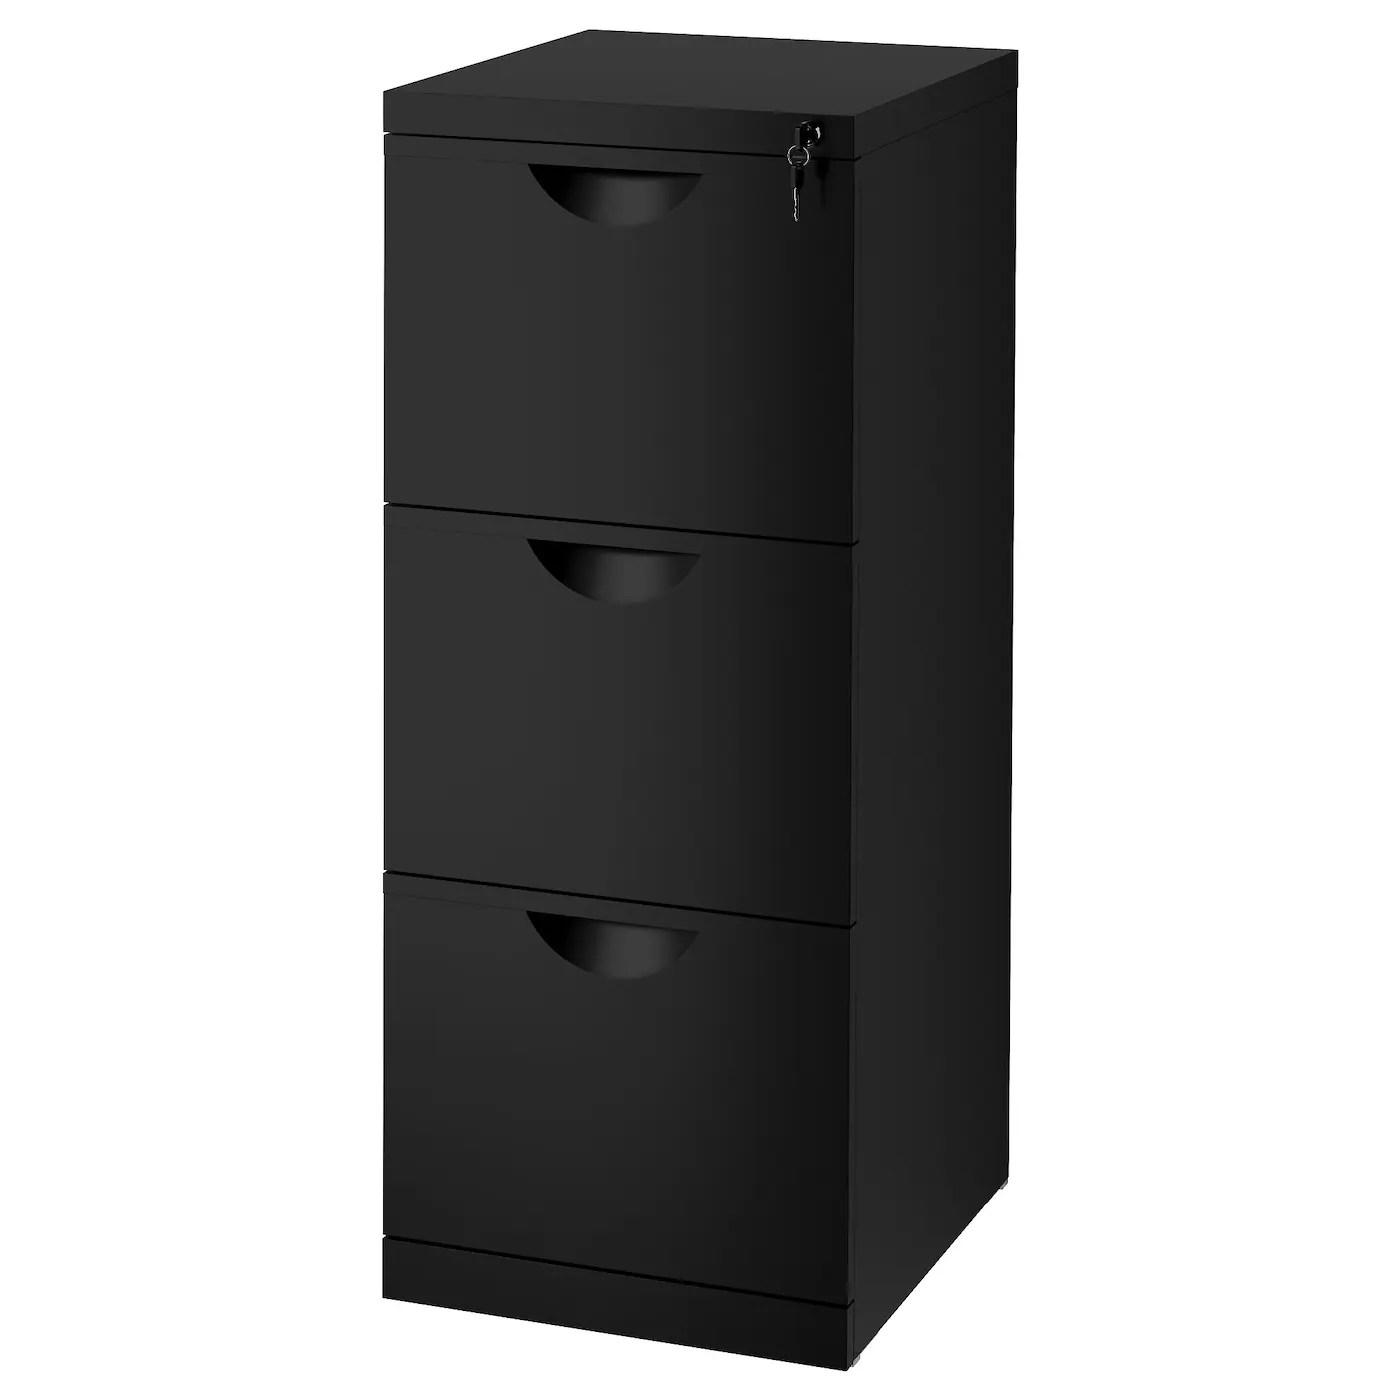 ERIK File cabinet Black 41 x 104 cm  IKEA